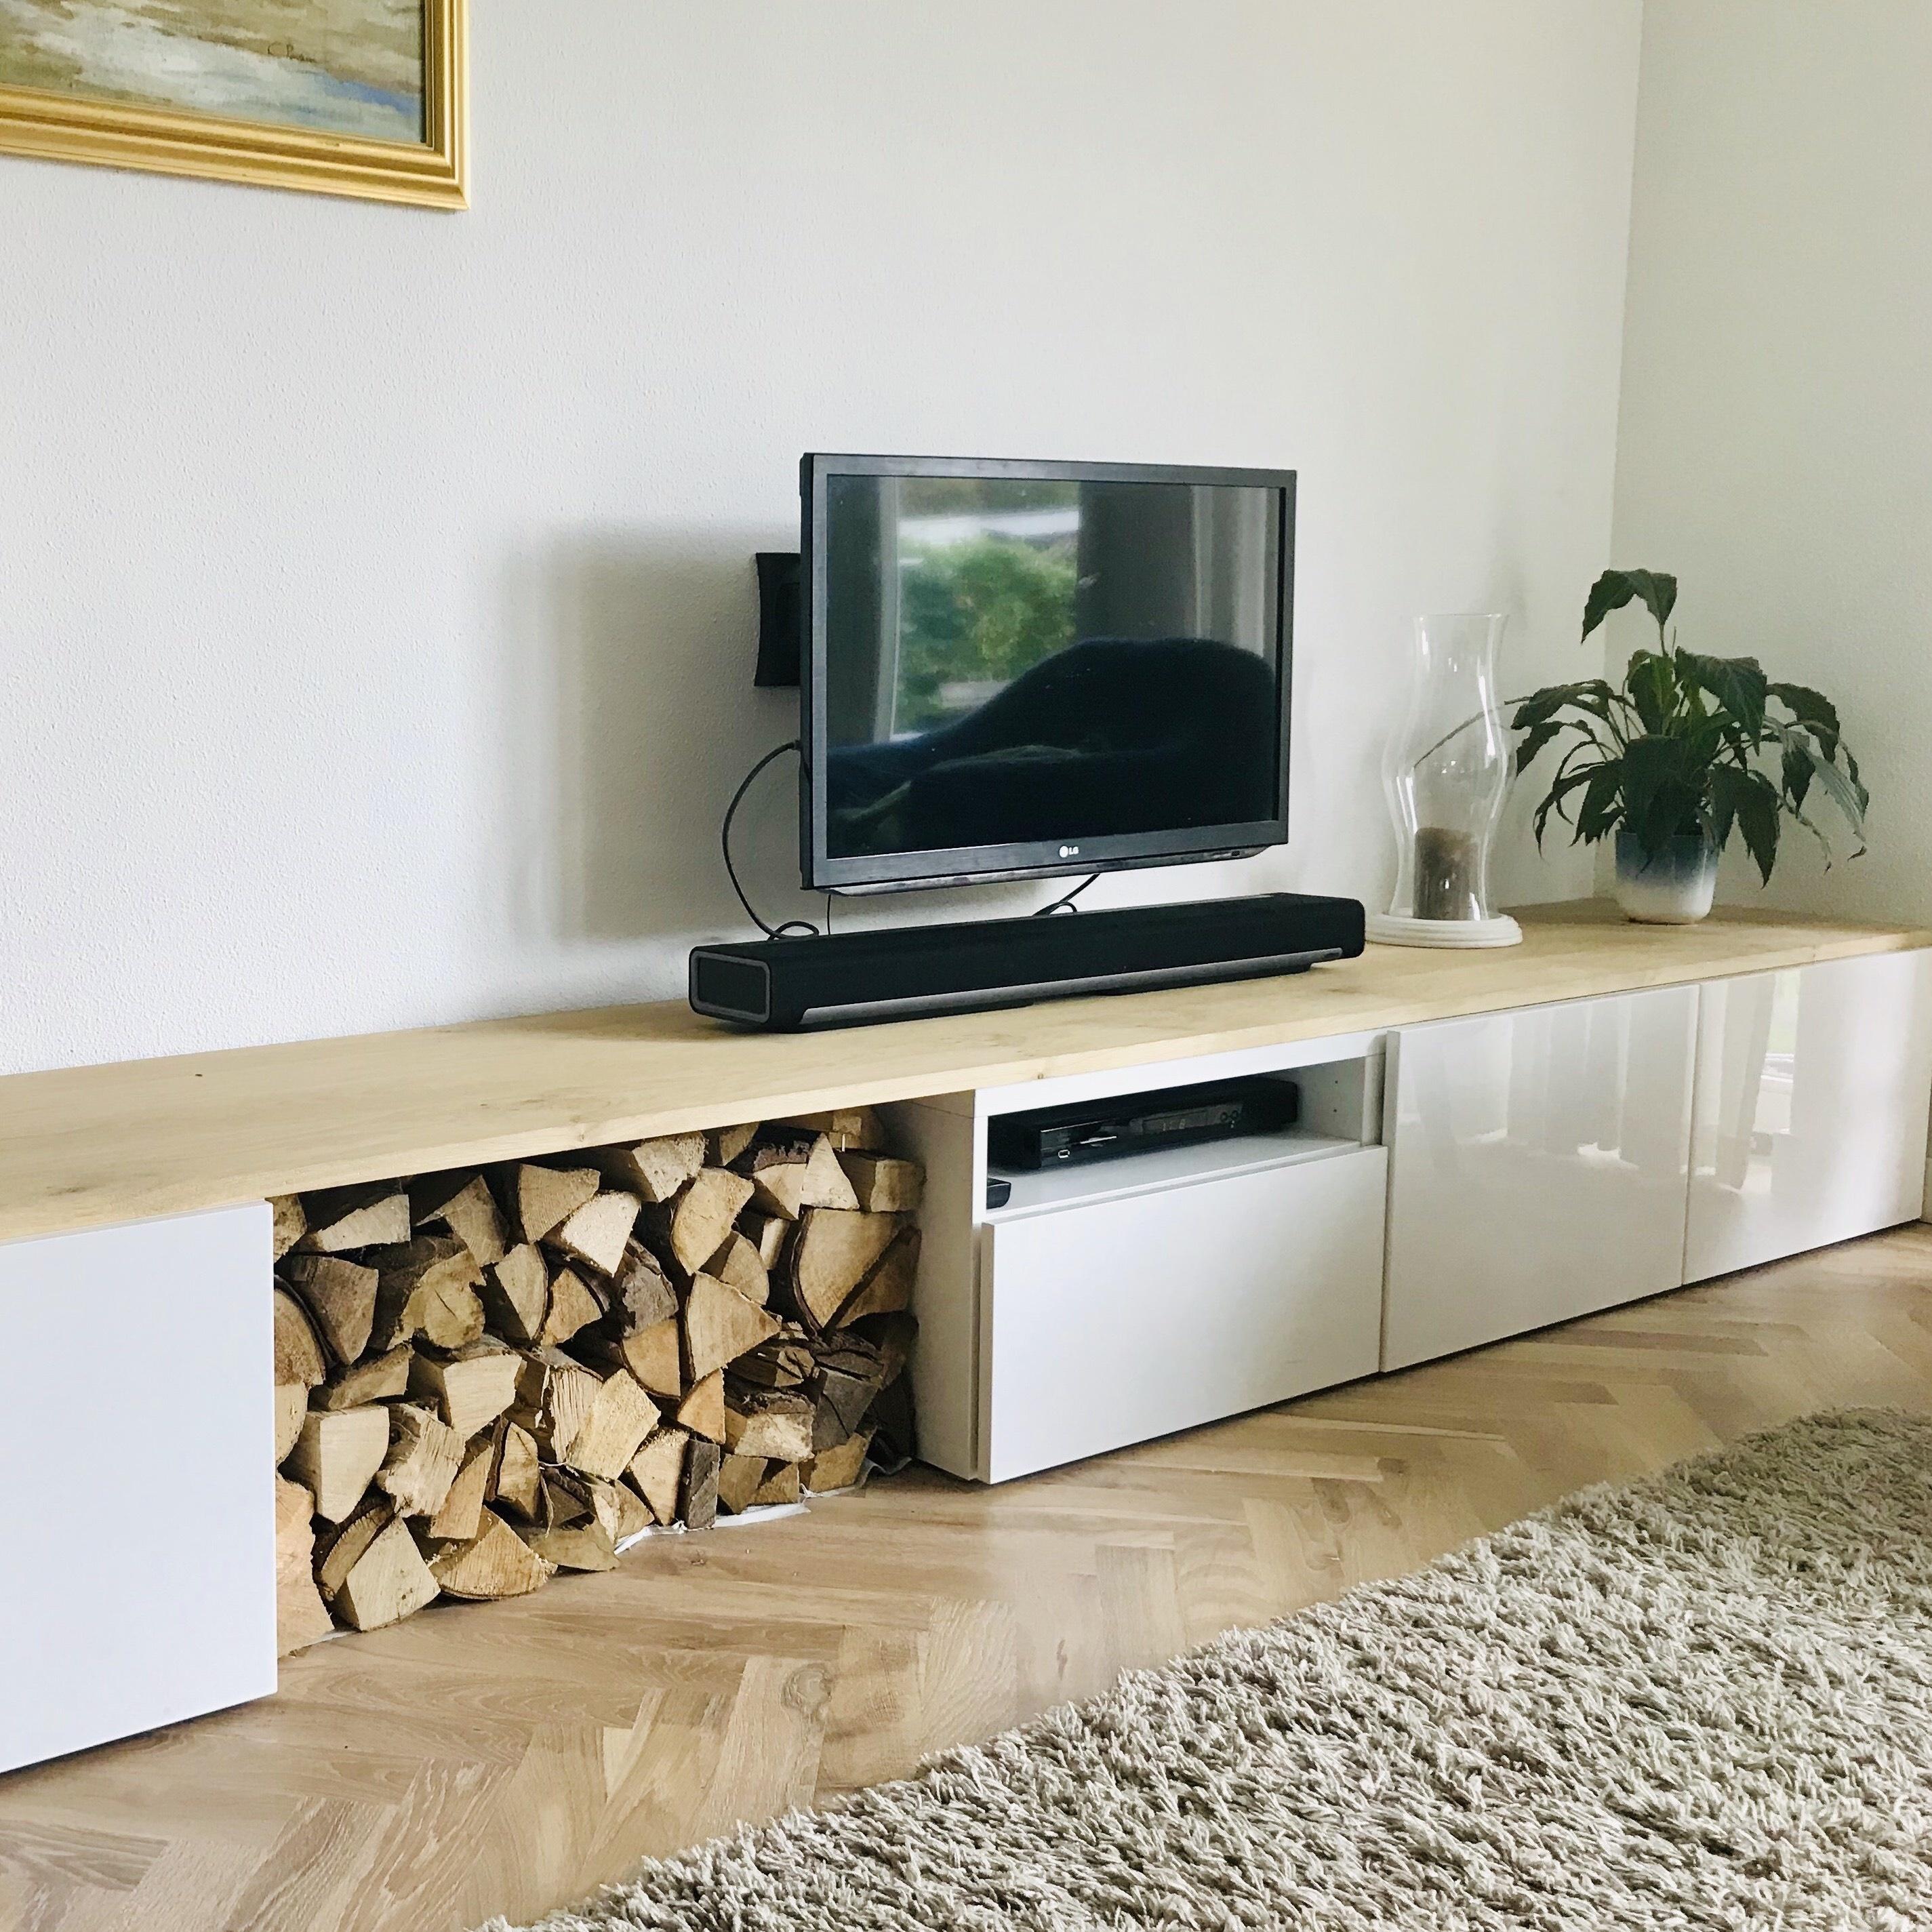 Eiken blad / paneel op maat - 2 cm dik (1-laag) - rustiek Europees eikenhout - verlijmd kd 8-12% - 15-120x40-350 cm